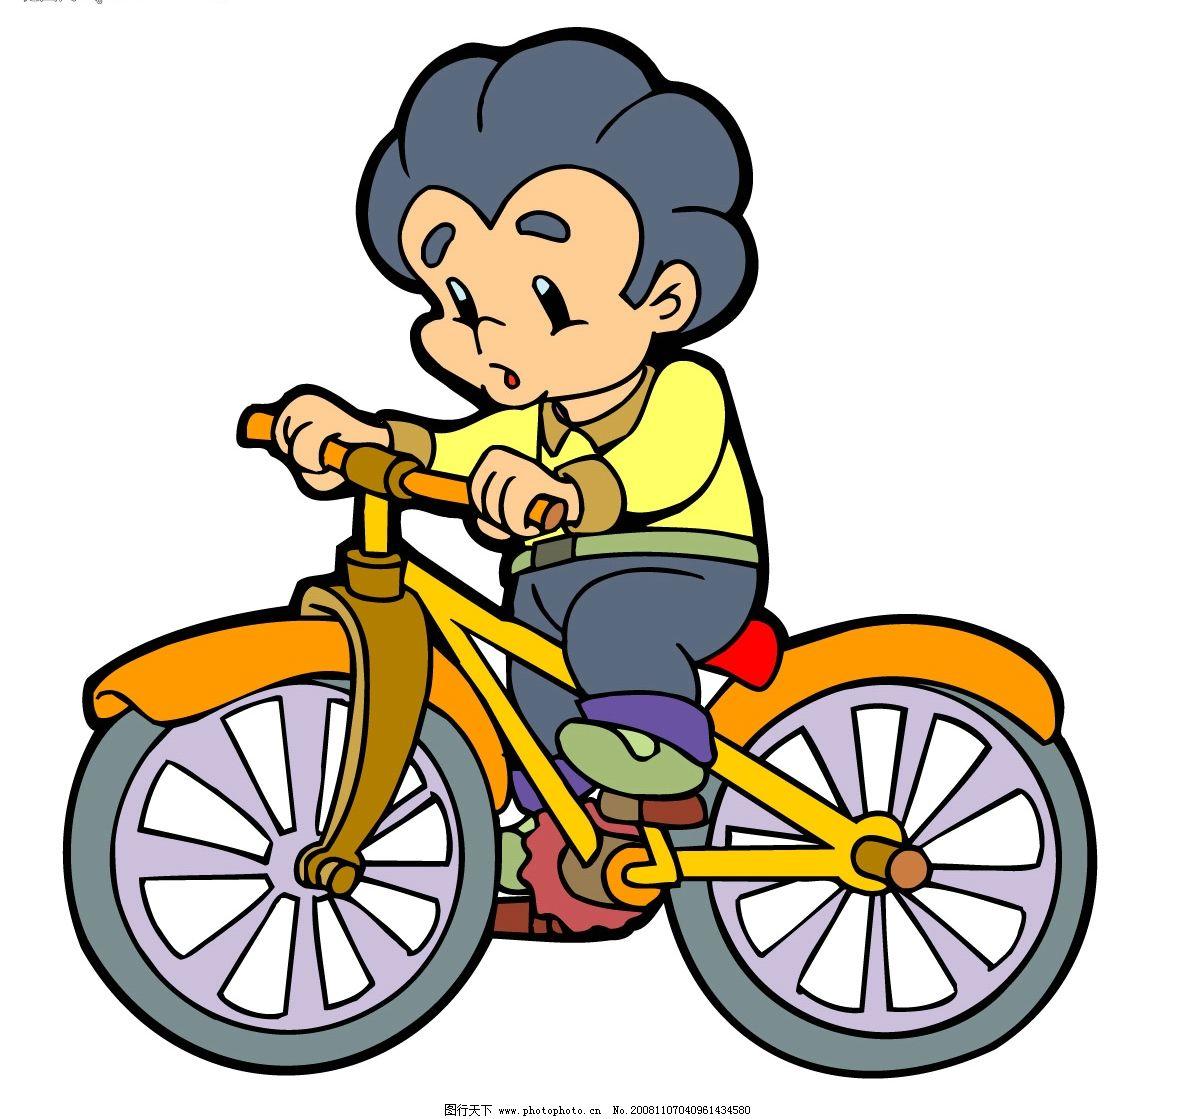 儿童踩单车 童真 矢量人物 儿童幼儿 插画 小孩 矢量图库